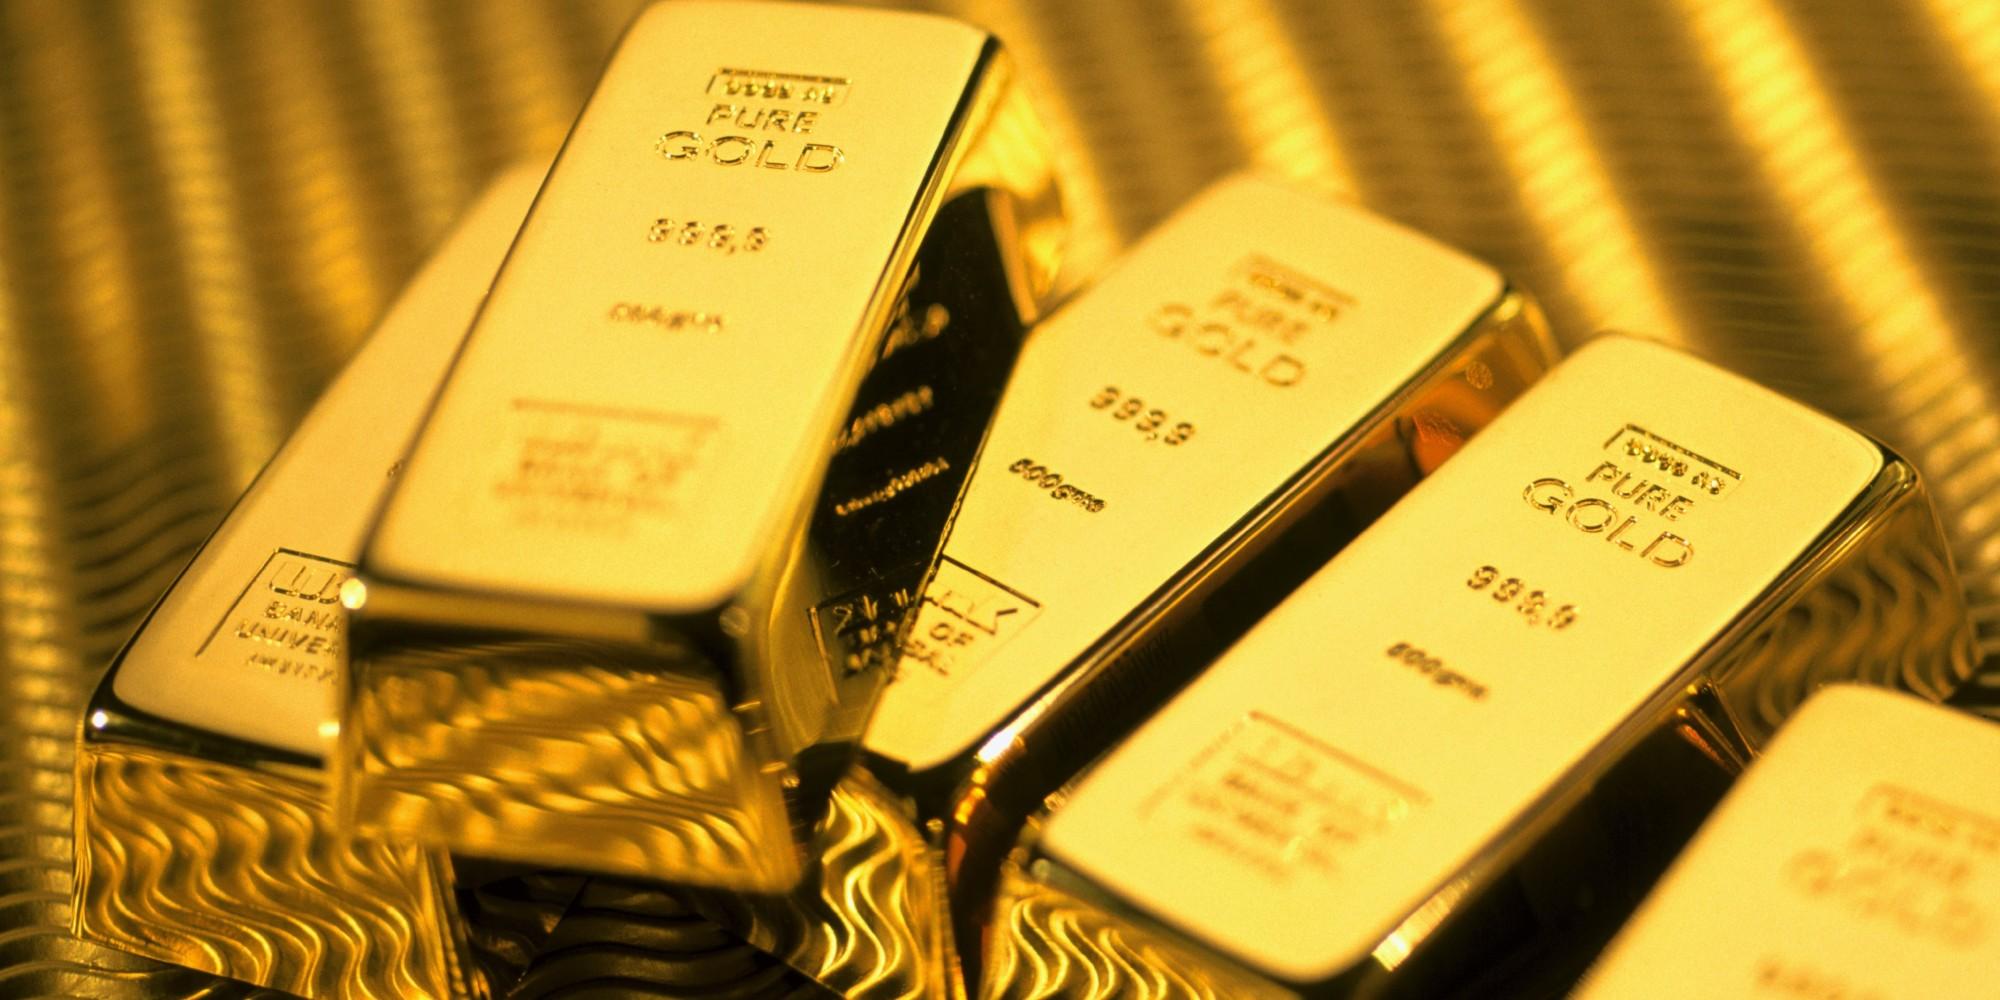 الذهب يهبط مع صعود الدولار لأعلى مستوى في 14 عاما